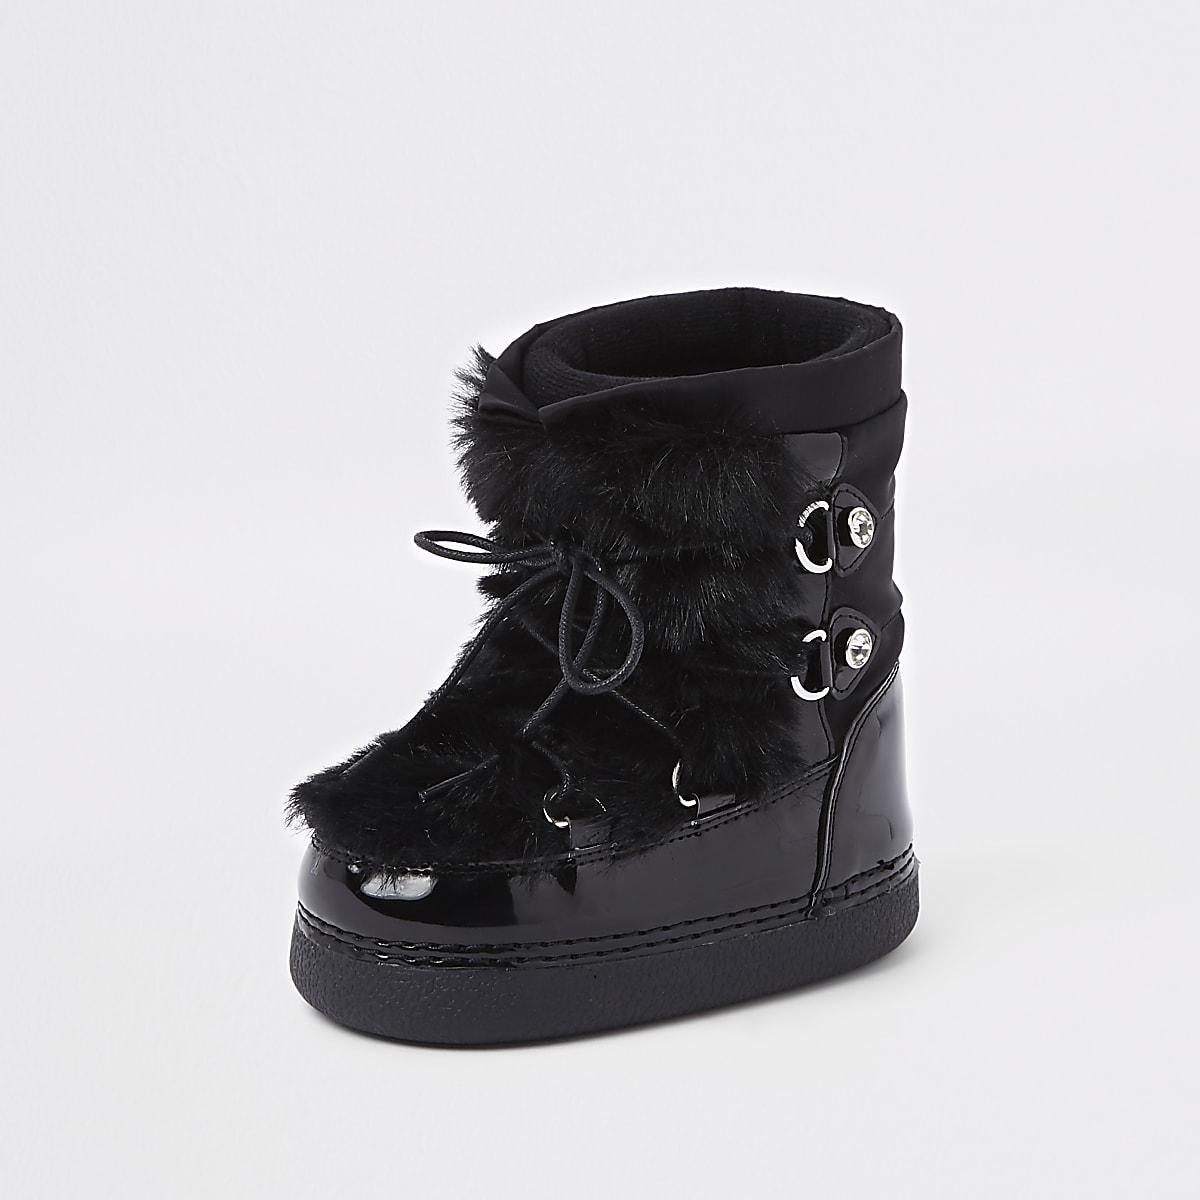 a9ab3f42eb760 ... Bottes de neige noires bordées de fausse fourrure mini fille ...